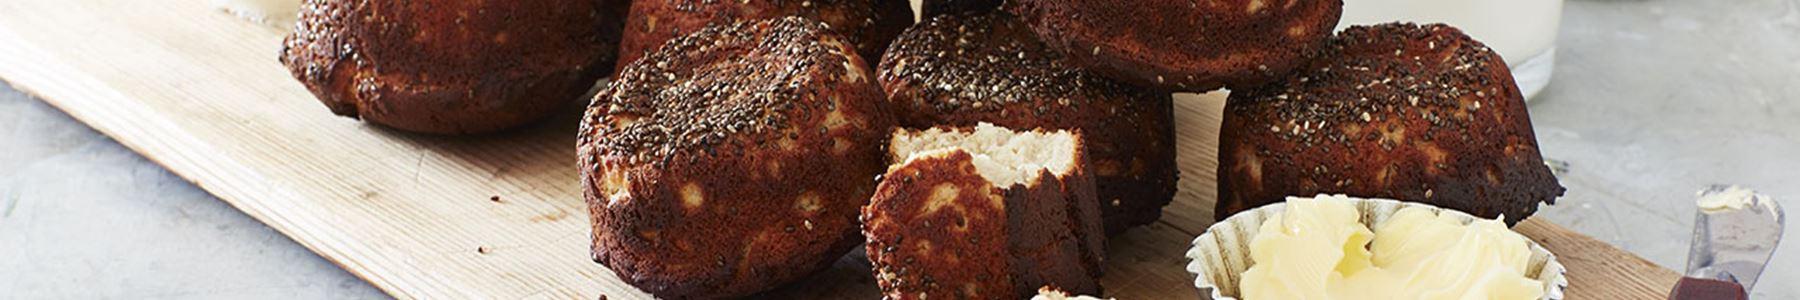 bröd med chiafrön